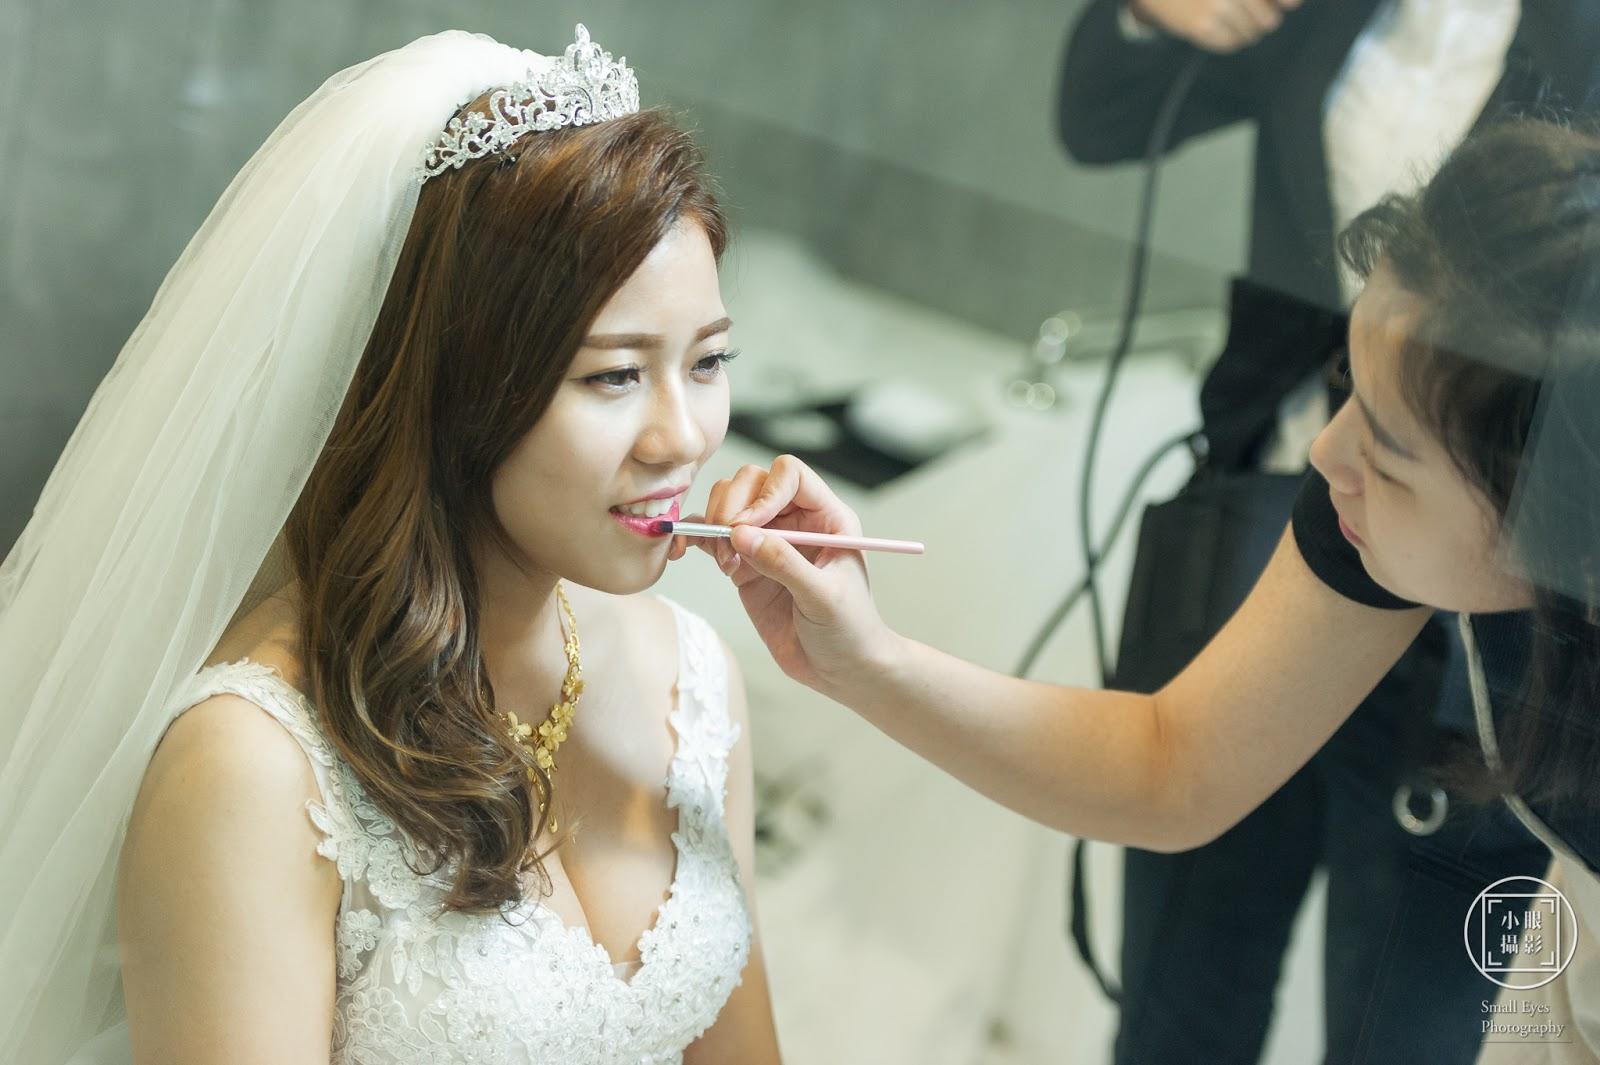 婚攝,小眼攝影,婚禮紀實,婚禮紀錄,婚紗,國內婚紗,海外婚紗,寫真,婚攝小眼,台北,富信大飯店,自主婚紗,自助婚紗